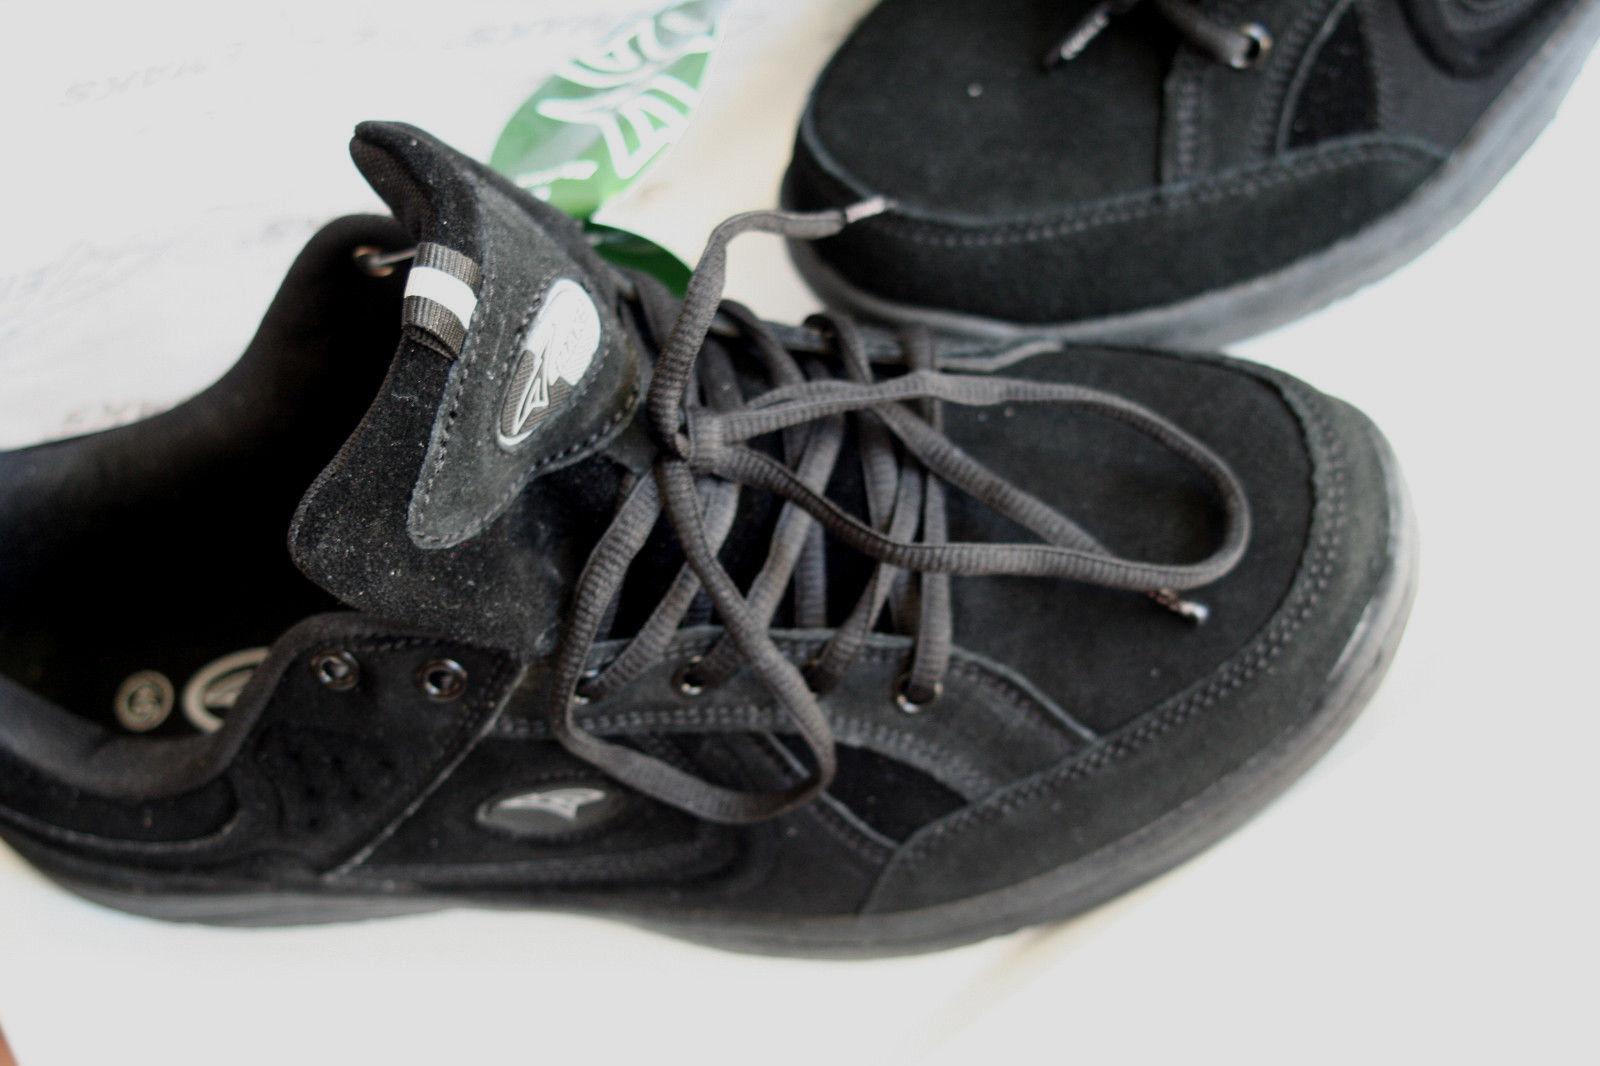 EMAKS MOCASSIN MOCASSIN MOCASSIN    Neu  schwarz  echt Leder Velours Hic tec usw kombiniert   Gr 44  | Online-Shop  37f8cd